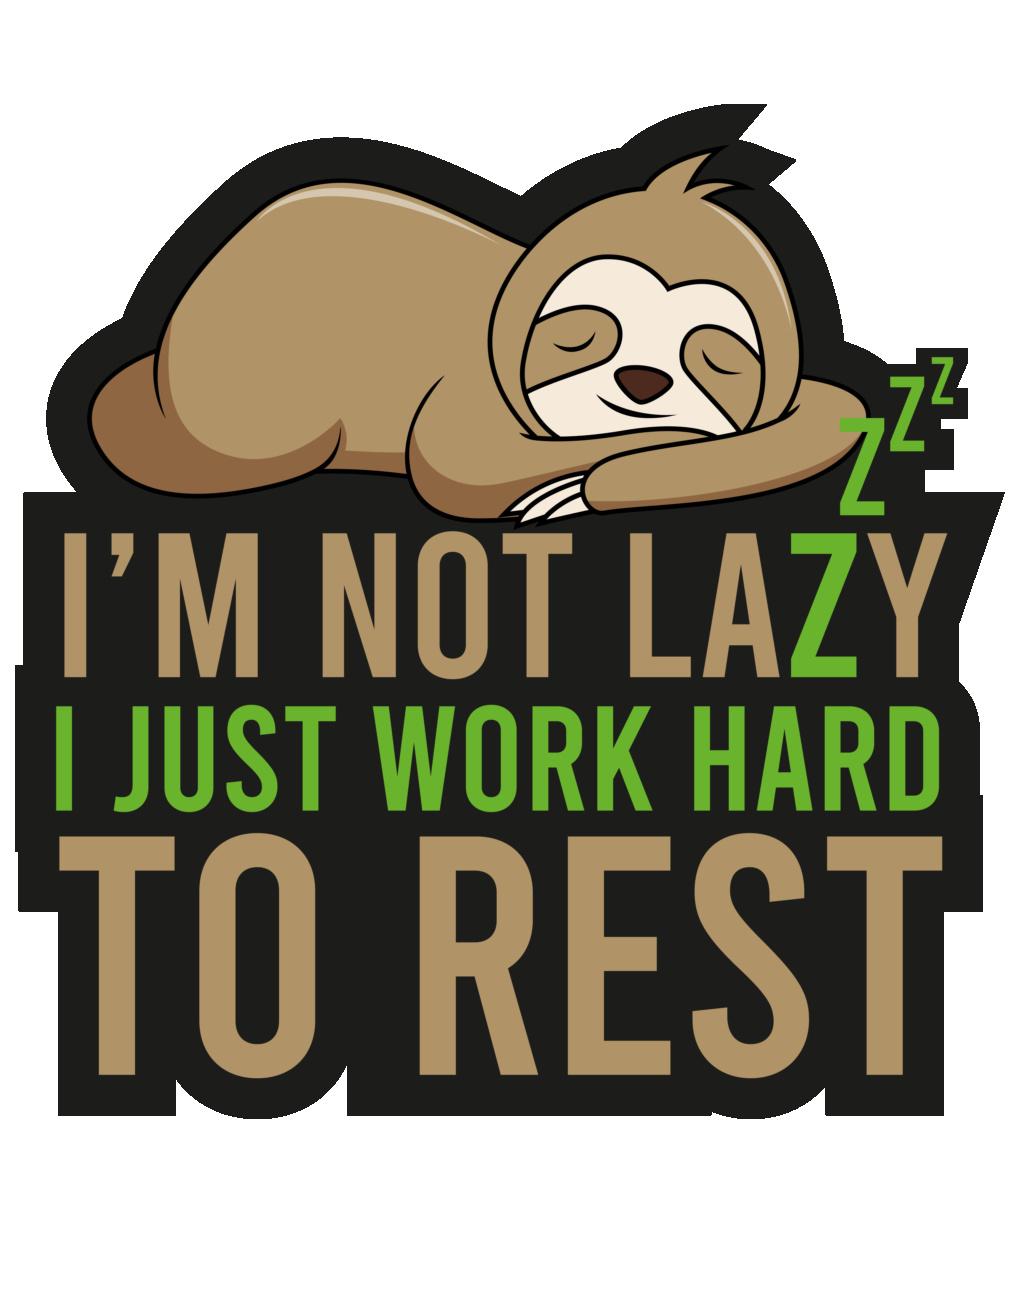 Жизненная мотивация (мышление на миллион) Sloth-12